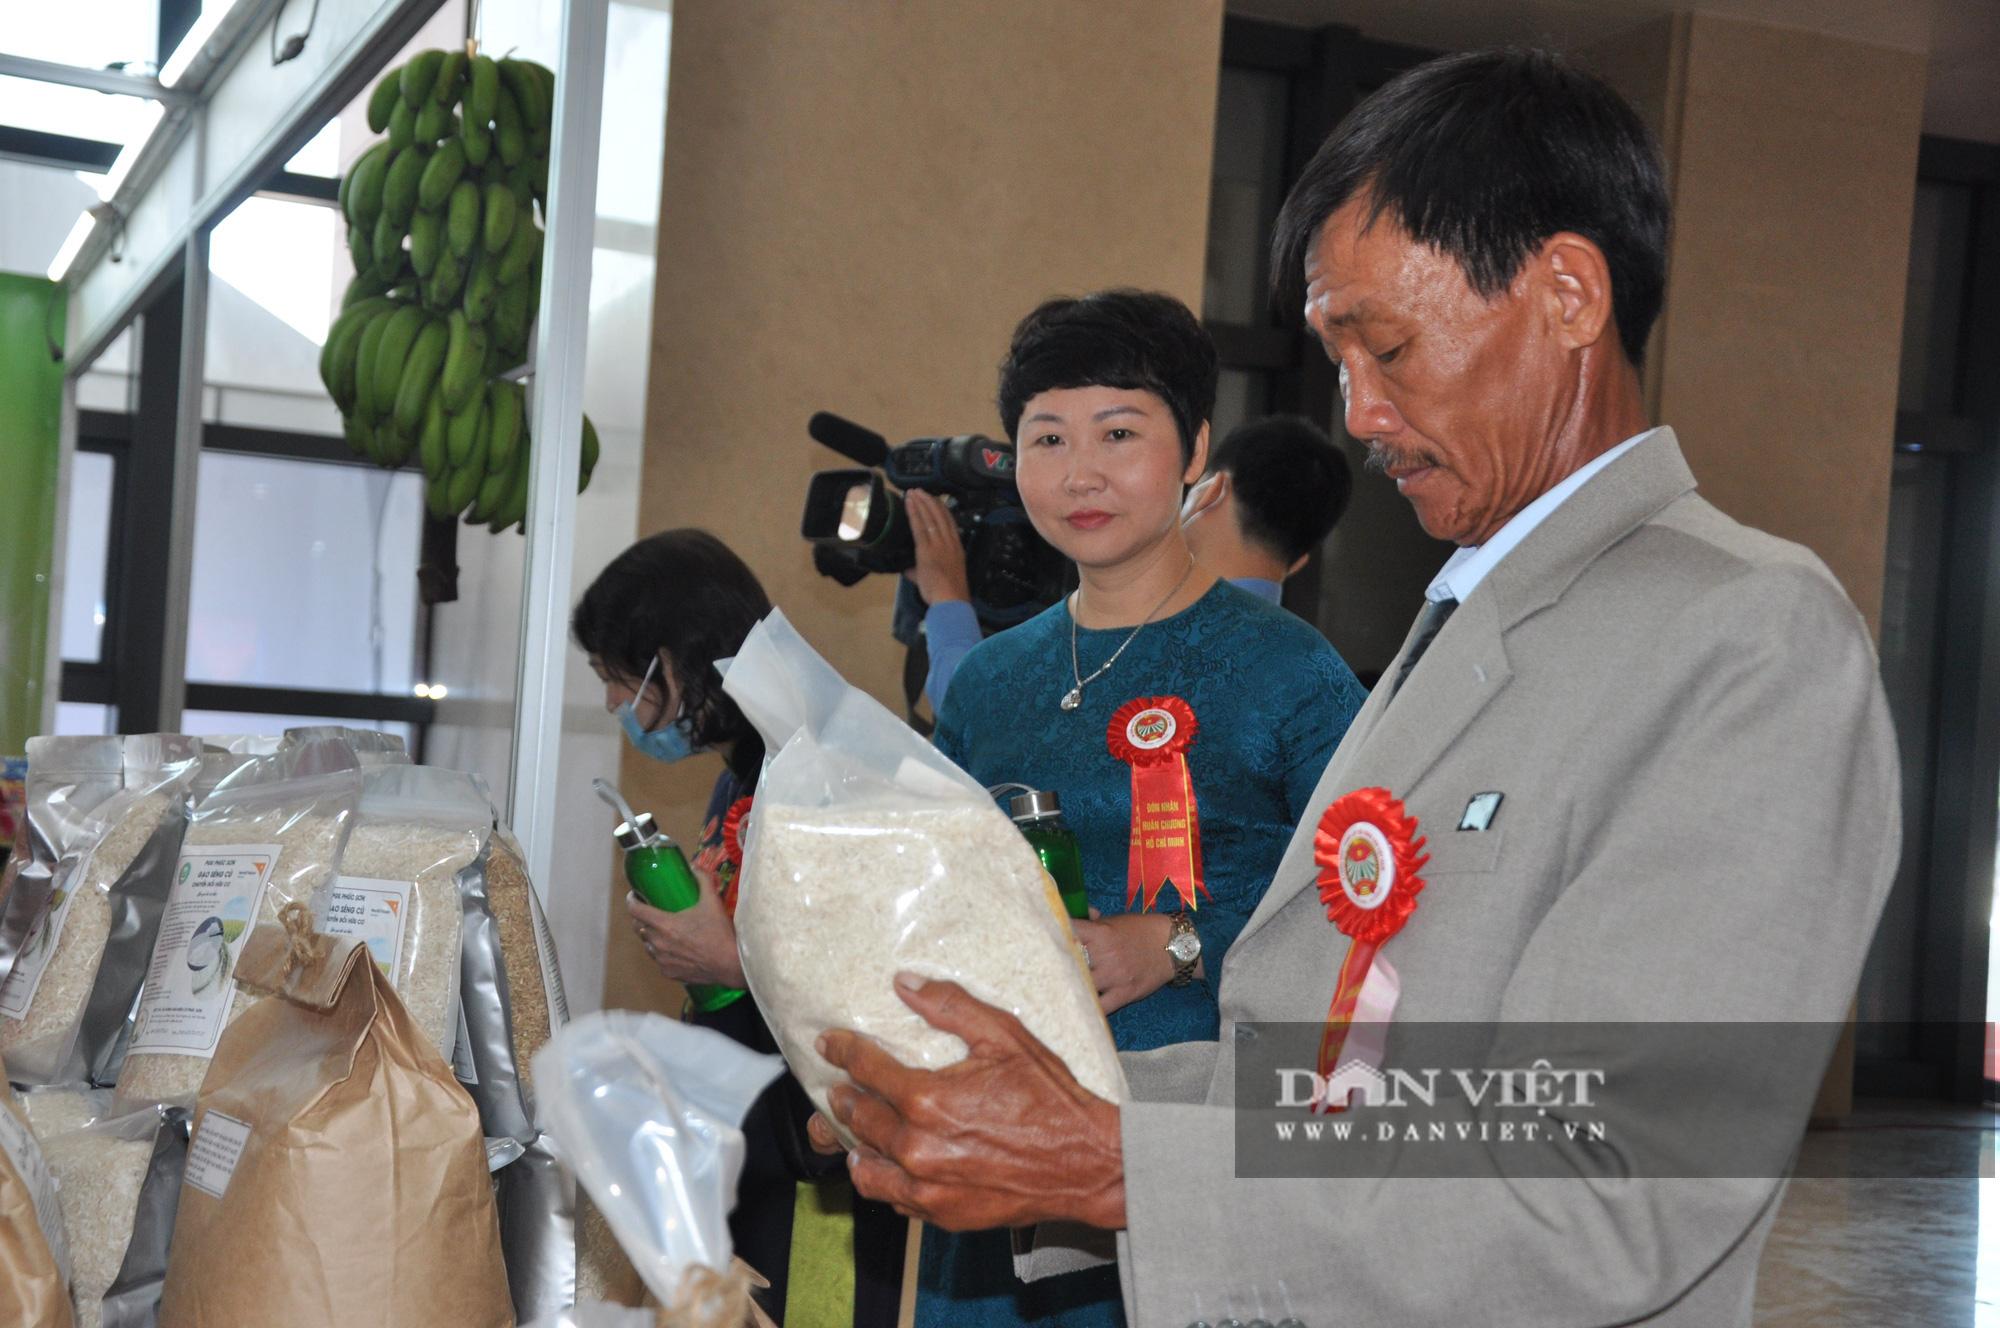 Thủ tướng khen ngợi sản phẩm hữu cơ độc đáo tại Lễ kỷ niệm 90 năm ngày thành lập Hội Nông dân Việt Nam - Ảnh 5.